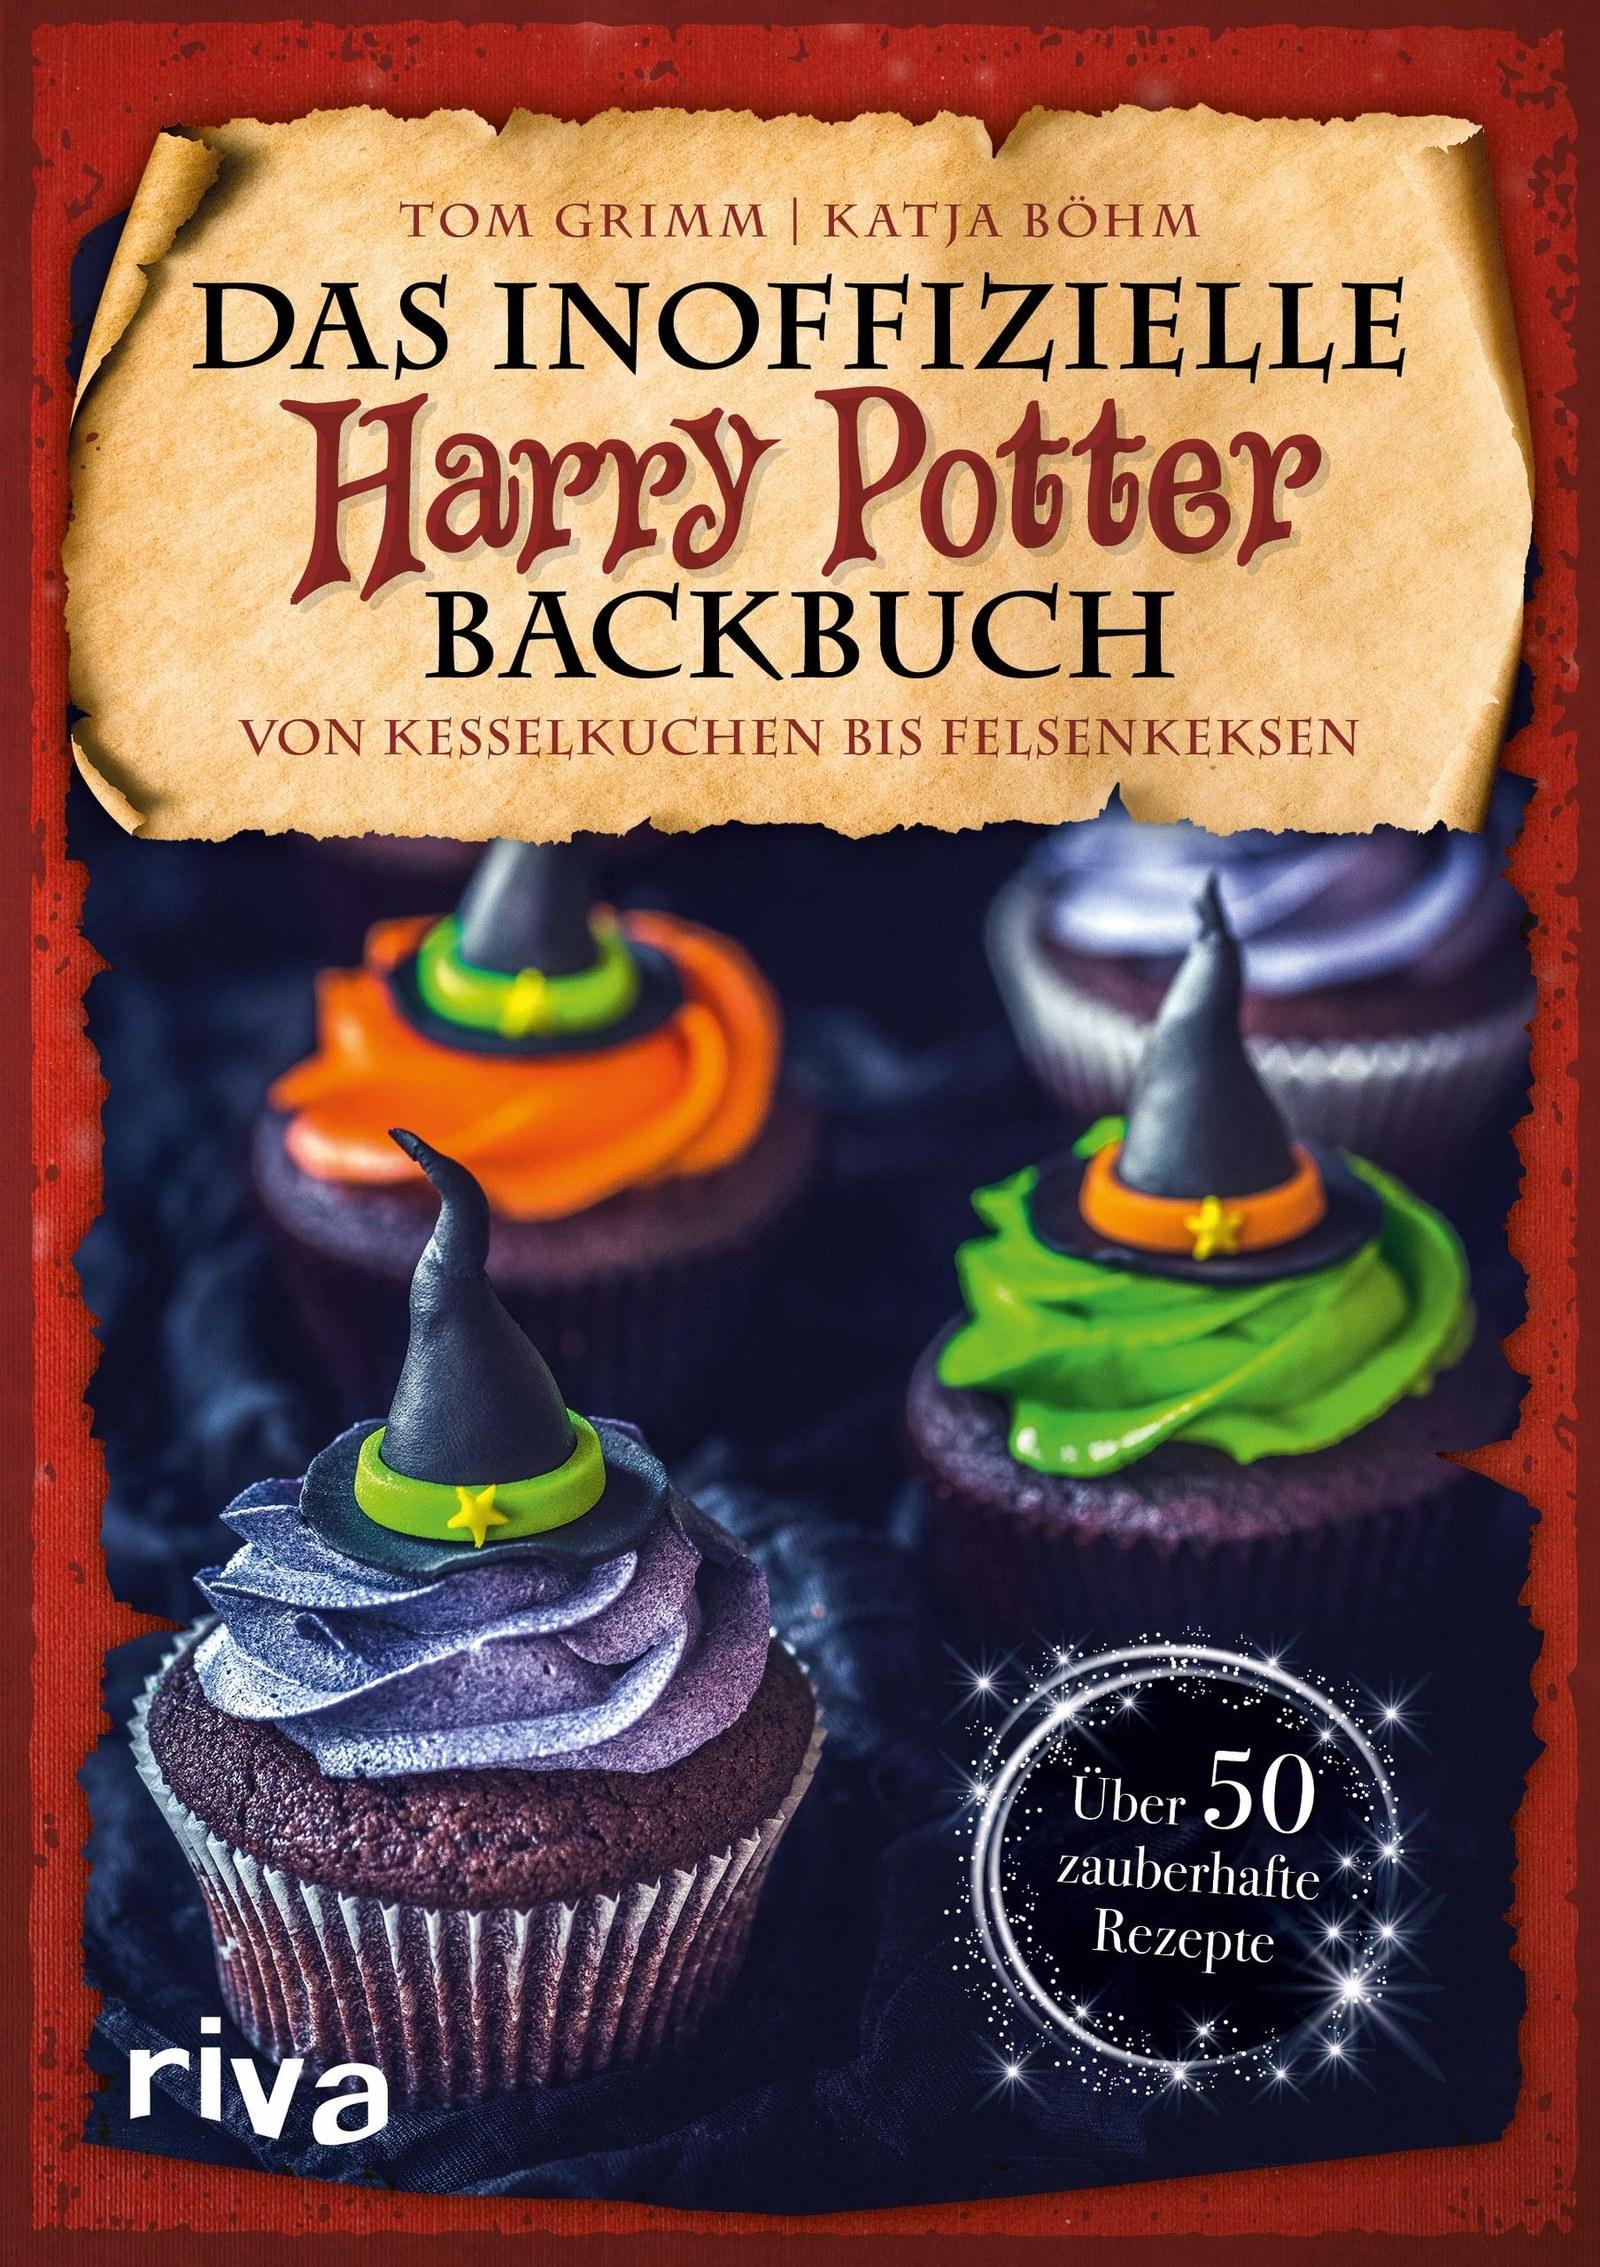 15 Einzigartige Weihnachtsgeschenke Fur Harry Potter Fans